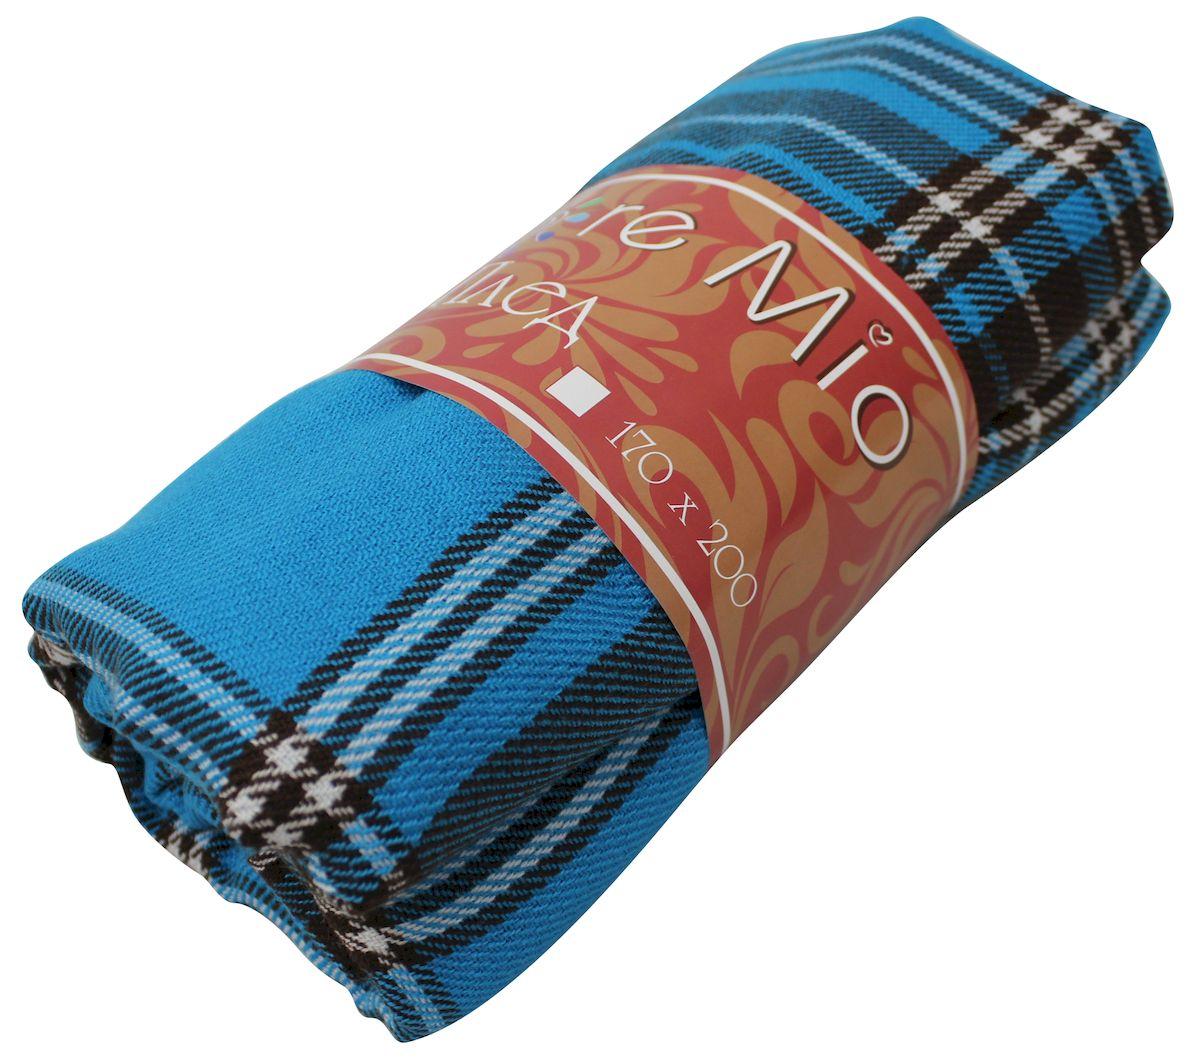 Плед Amore Mio Azure, 170 х 200 см78893Мягкий, теплый и уютный плед с кистями Amore Mio изготовлен из 100% акрила. Не зря в народе за акрилом закрепилось имя искусственной шерсти. Акриловое волокно великолепно удерживает тепло, оно практично и долговечно. Еще одно преимущество - в цене, так как по факту акрил значительно дешевле натуральной шерсти.